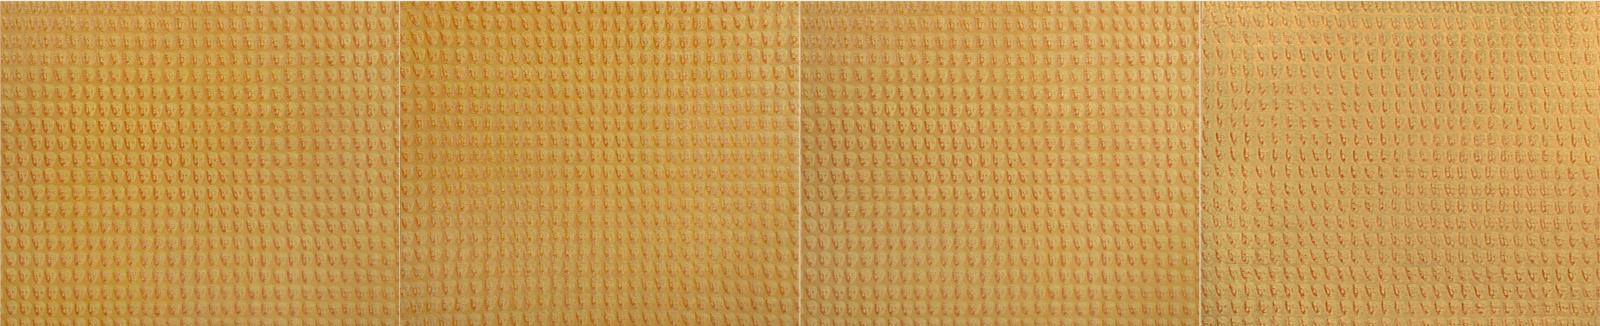 Thousand Buddha